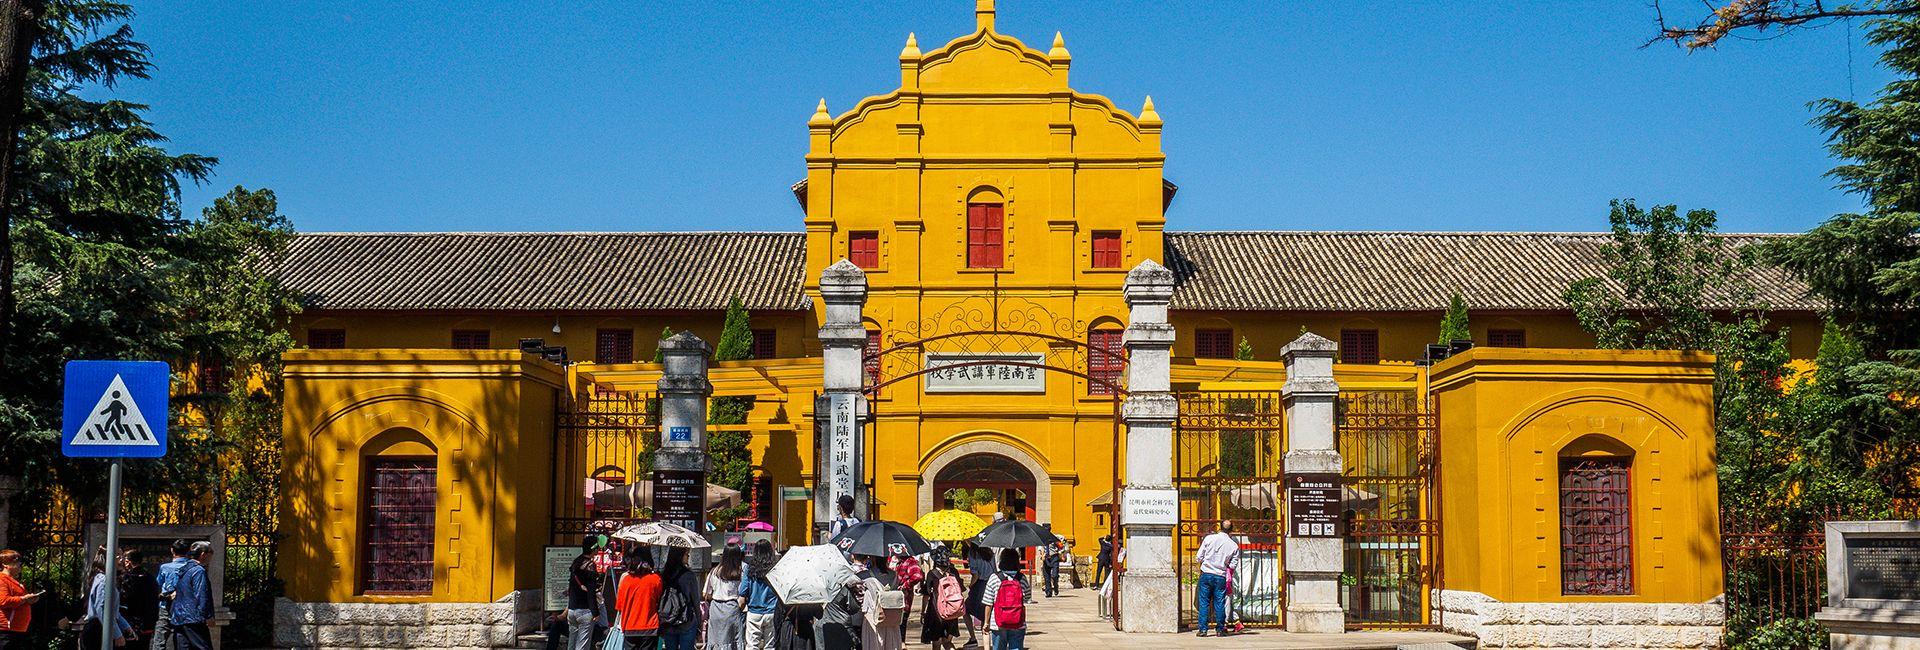 Top 4 trường đại học nổi tiếng ở Côn Minh, Trung Quốc